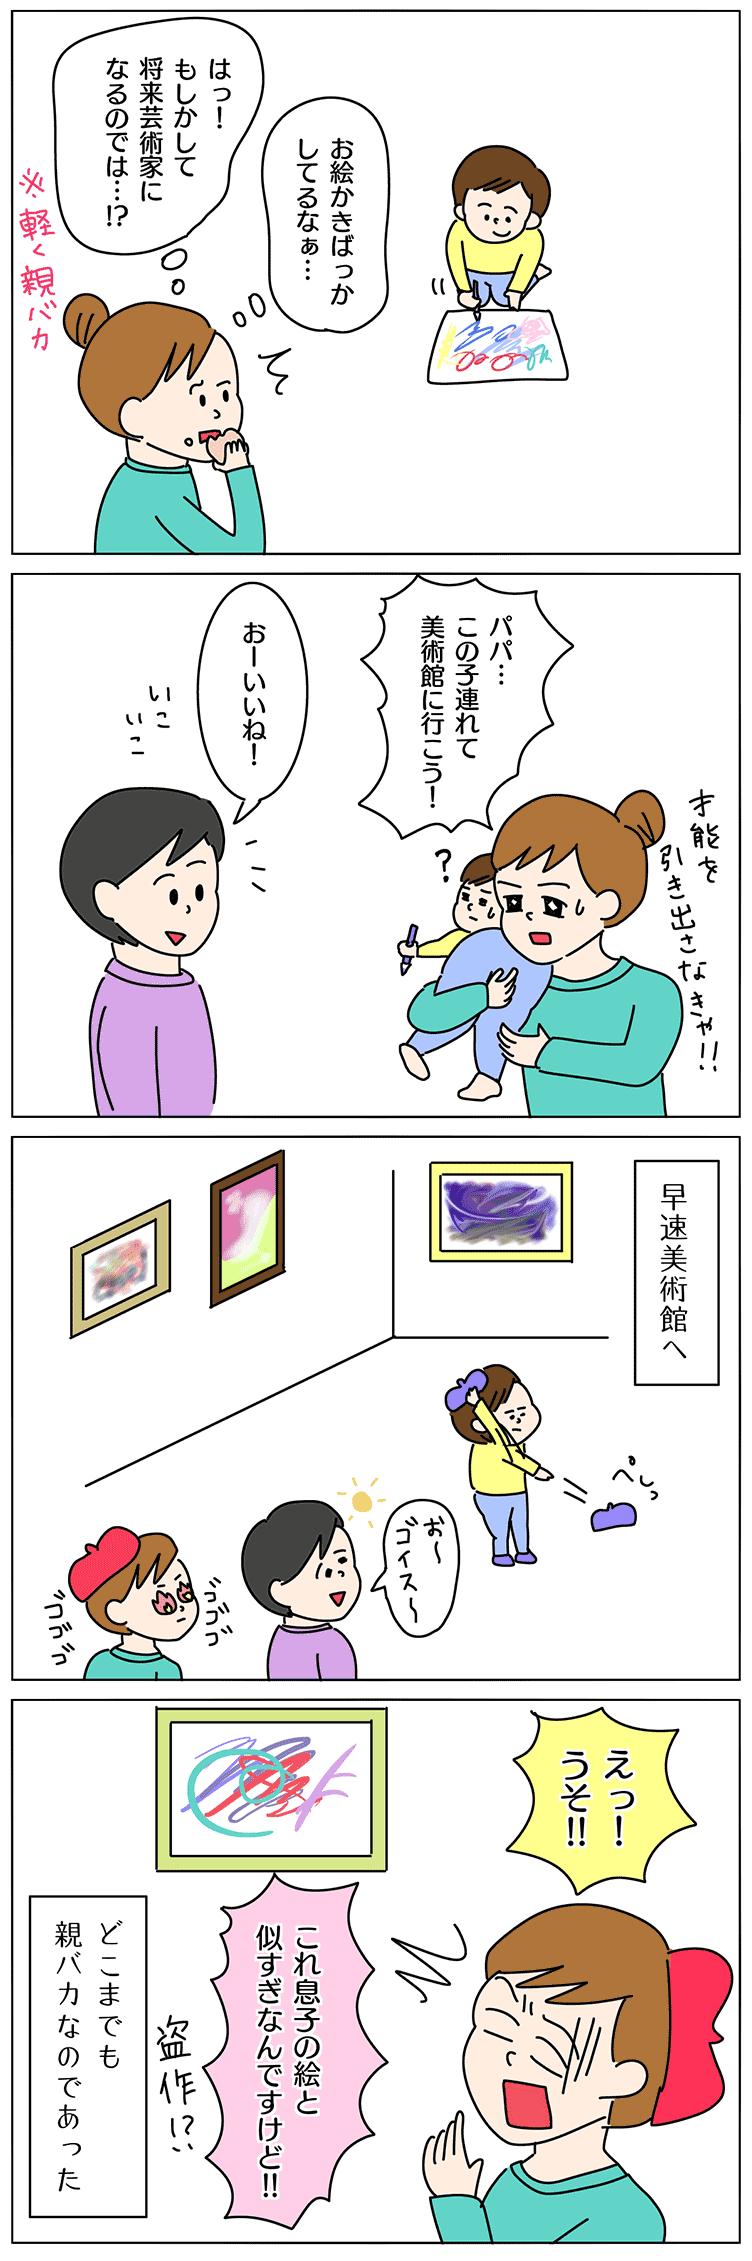 赤ちゃんの美術館デビューの子育て4コマ漫画